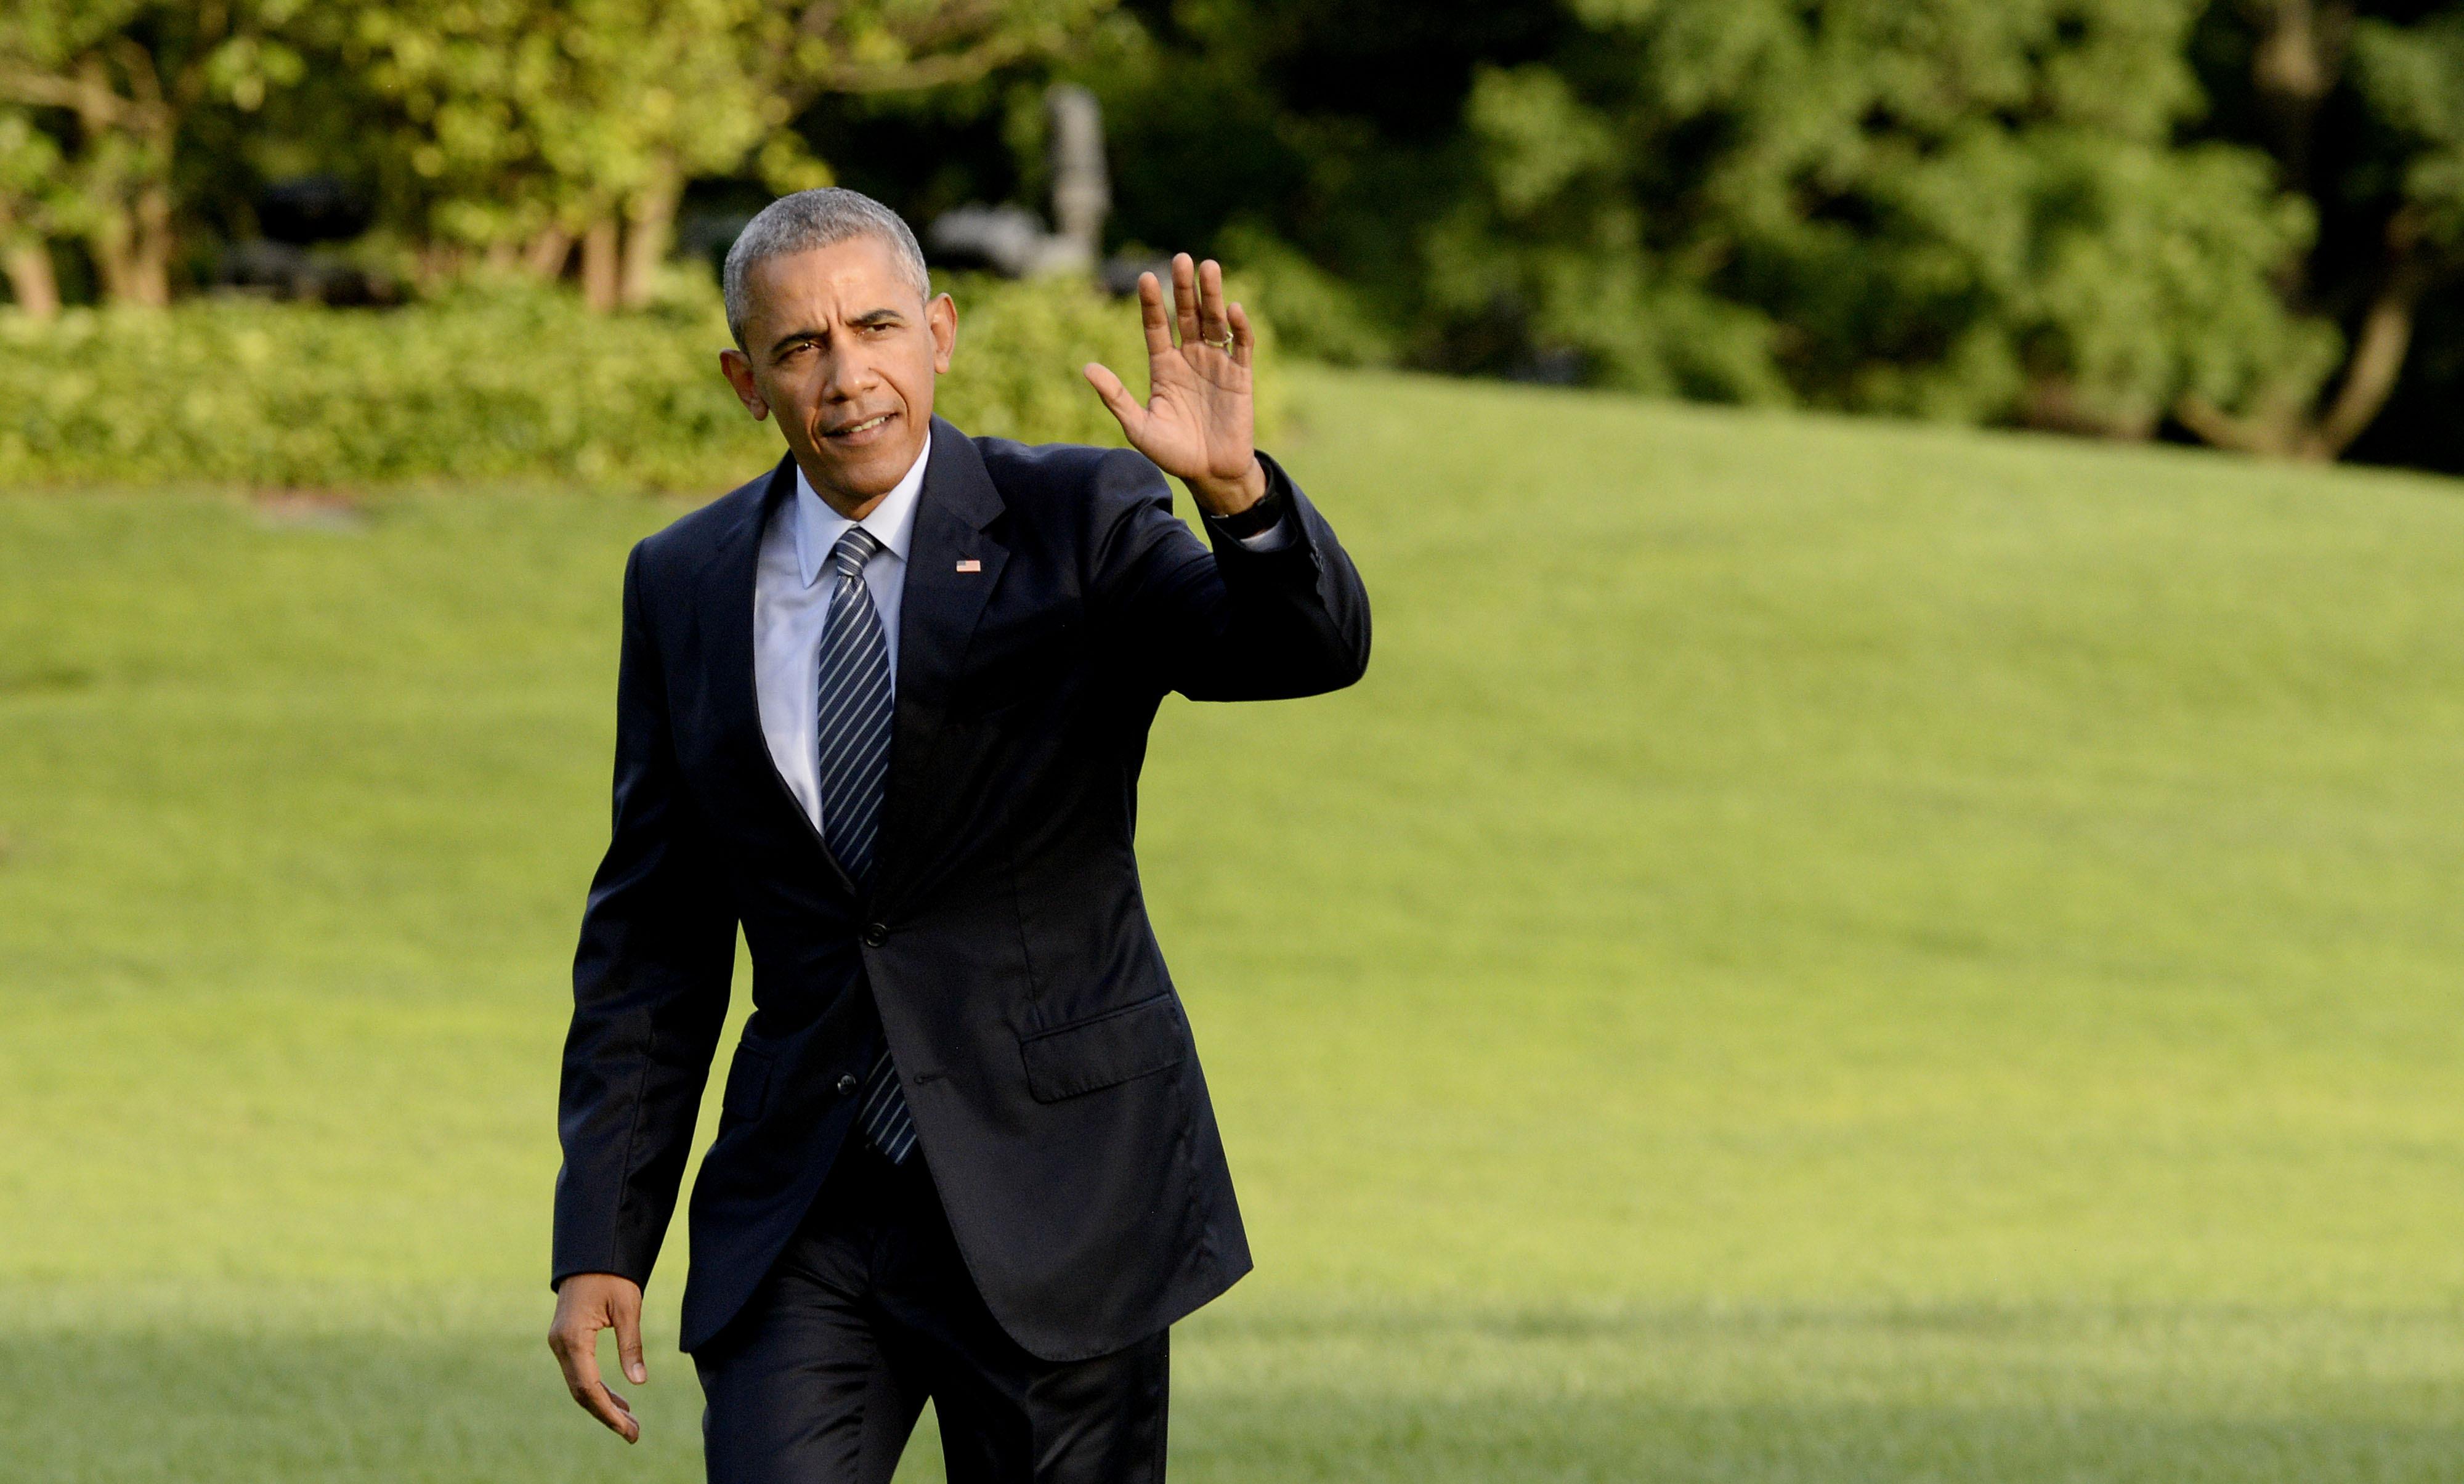 U.S. President Barack Obama waves upon returning to the White House July 5, 2016 in Washington, DC.